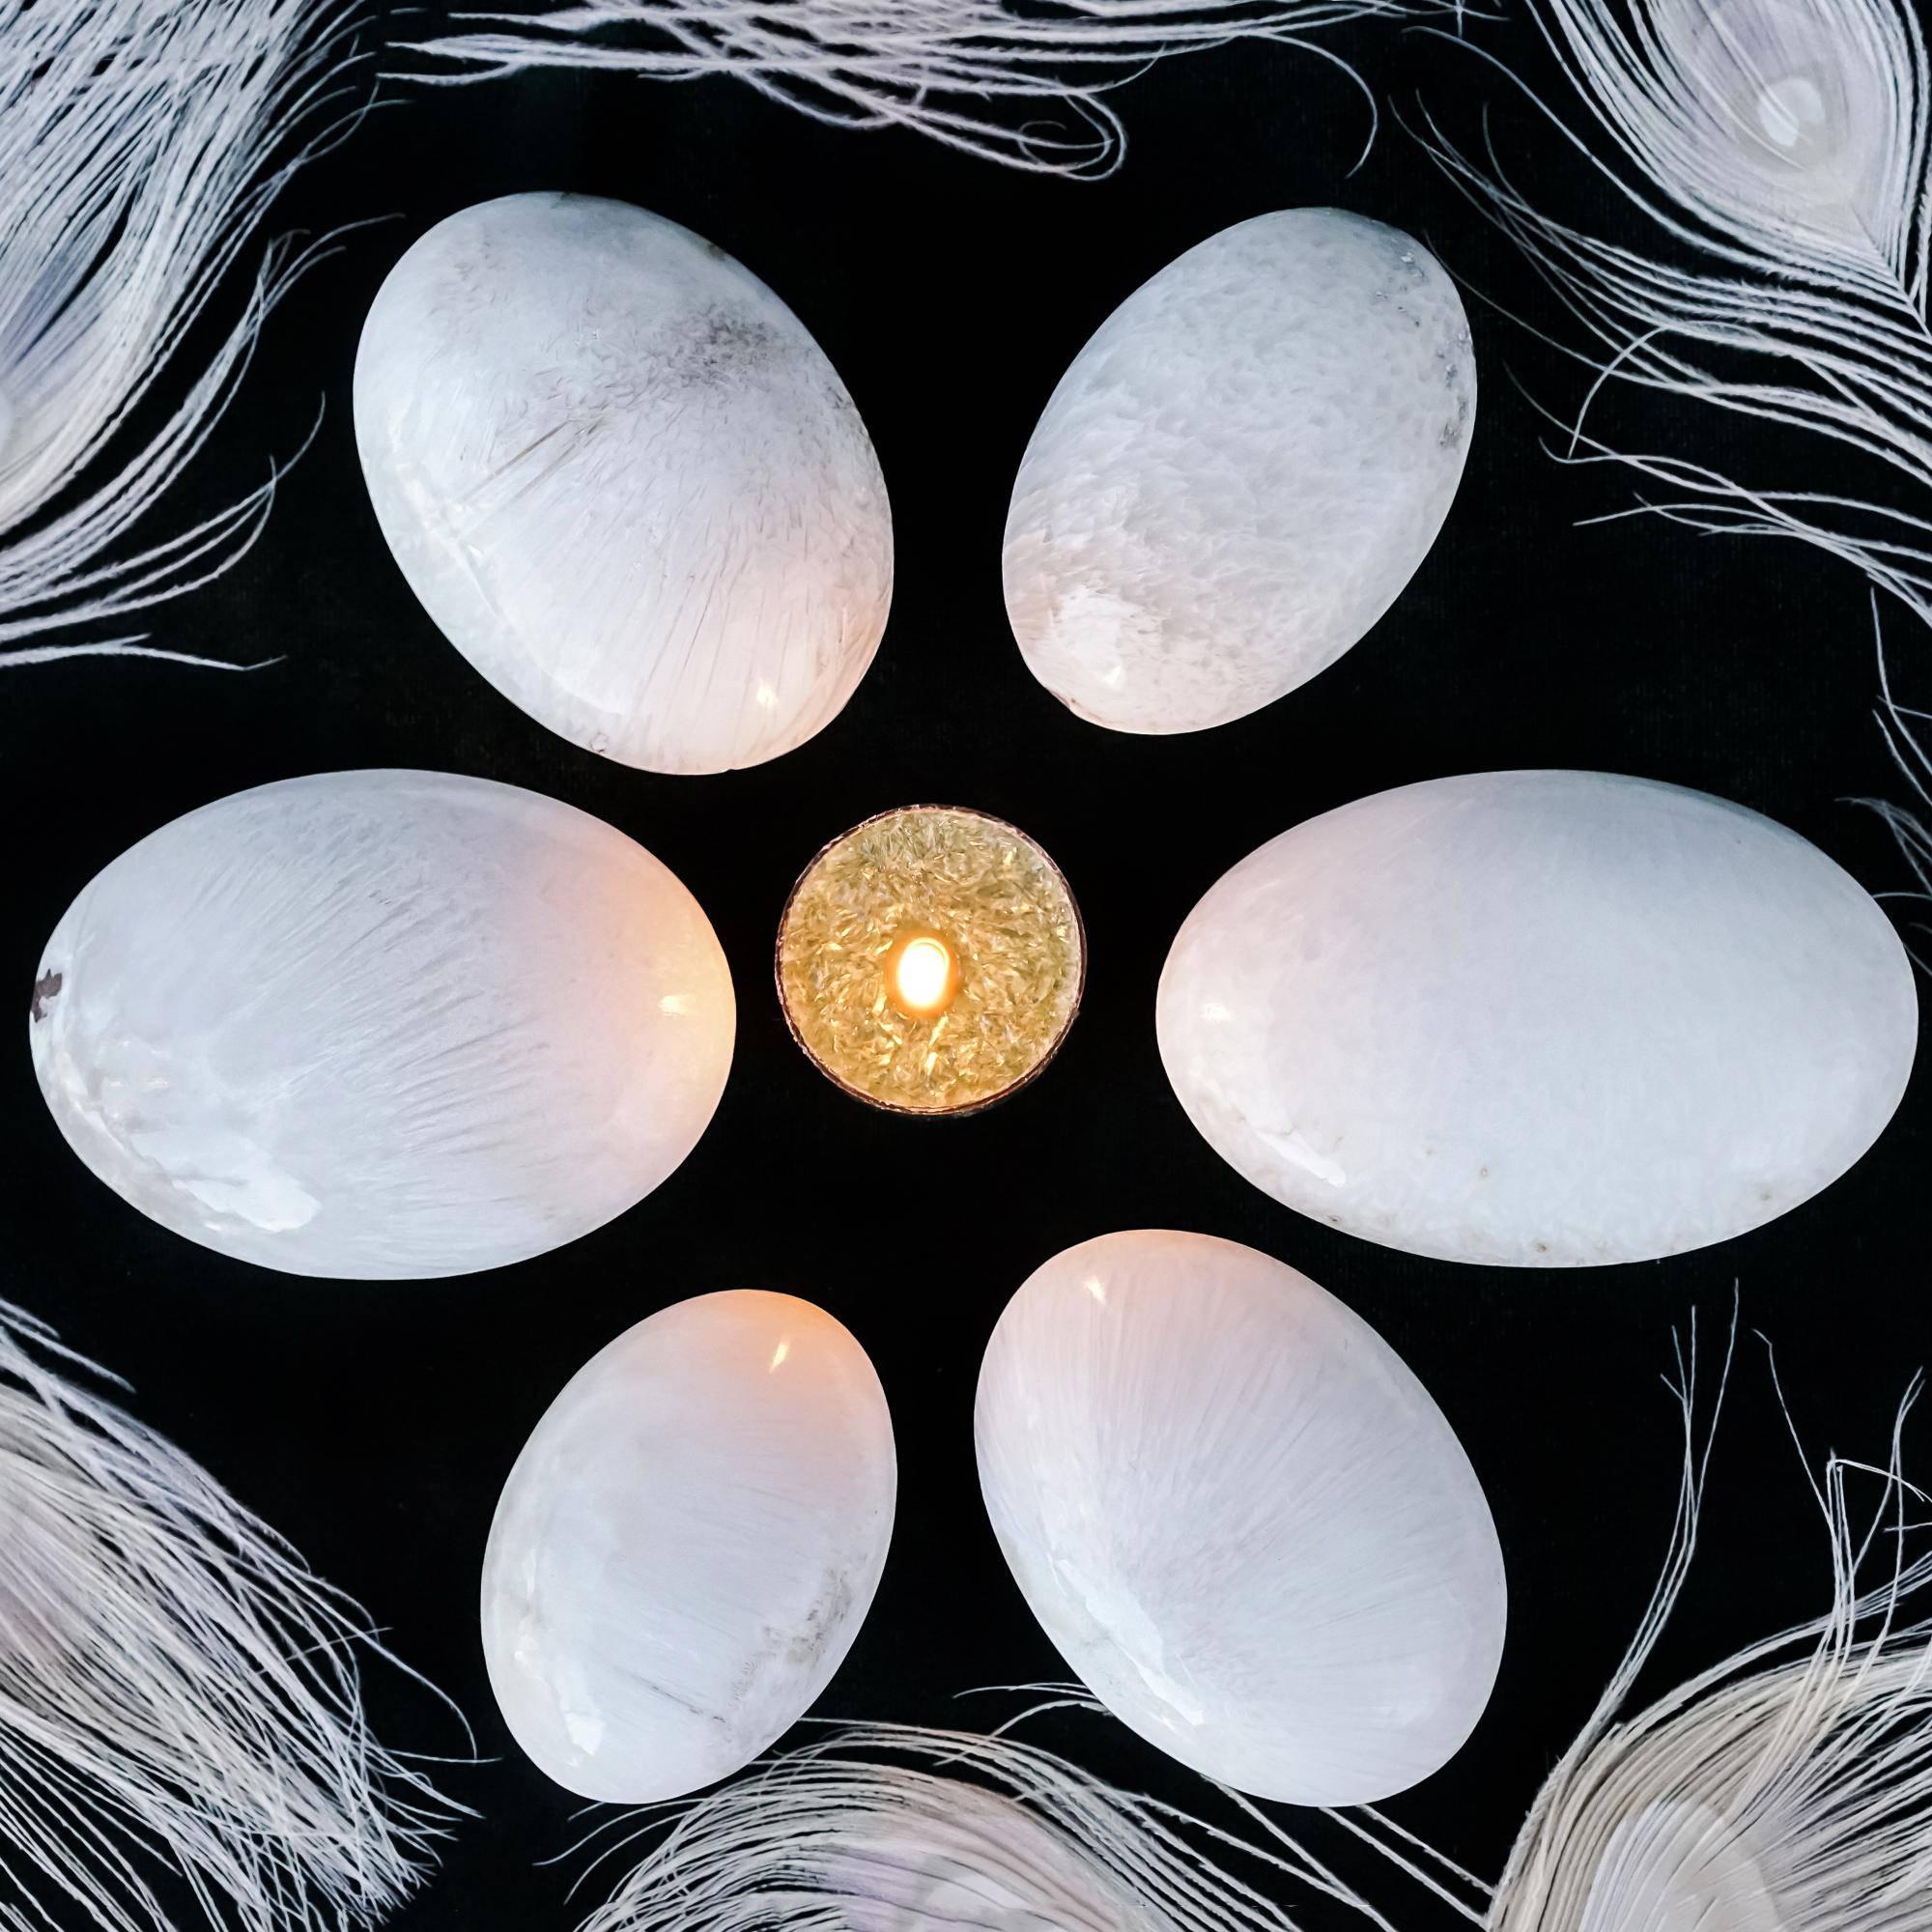 scolecite palm stones